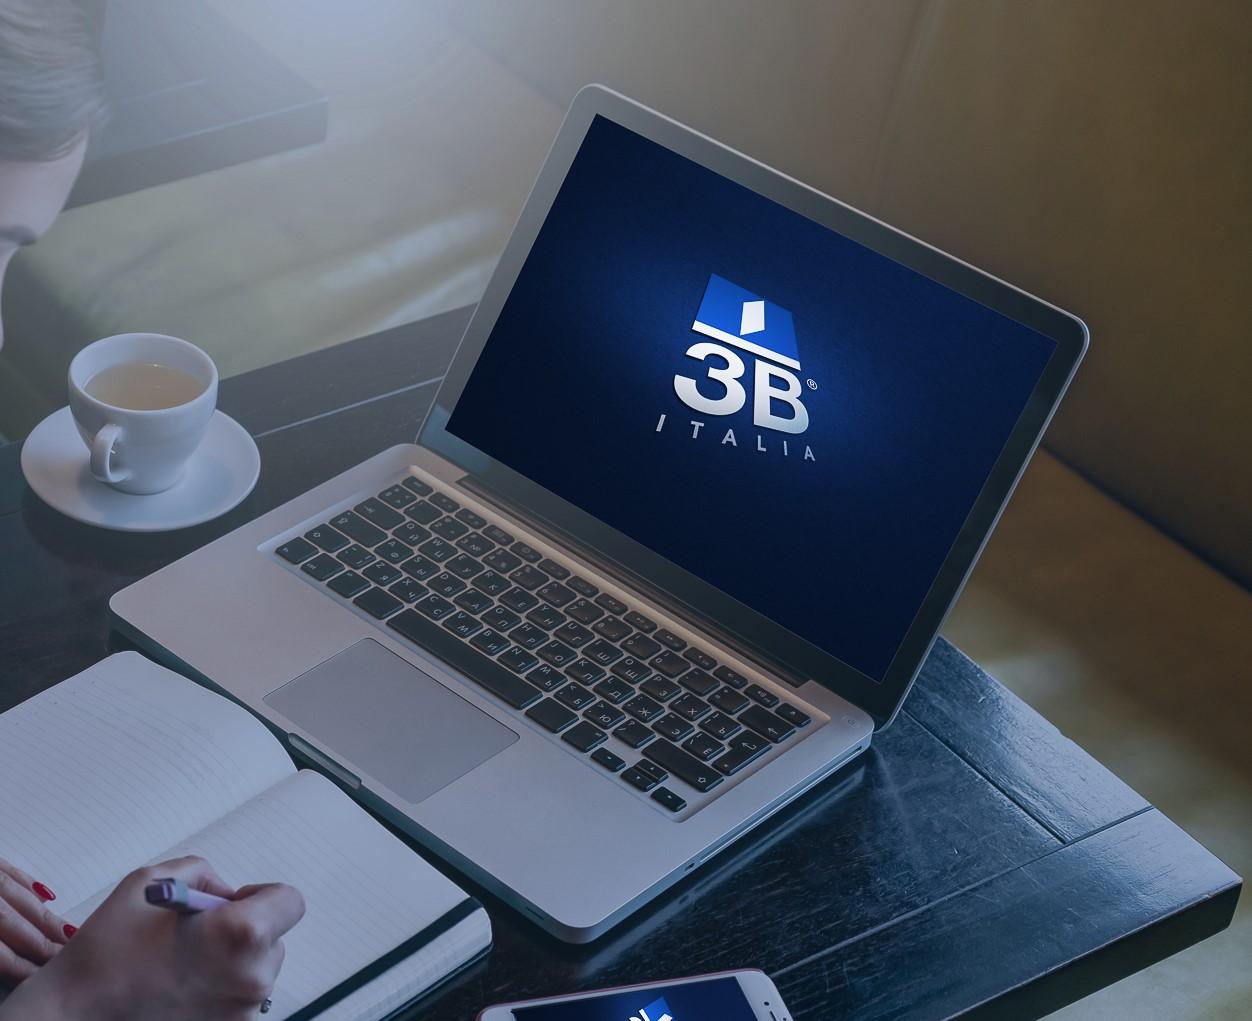 social 3B spa